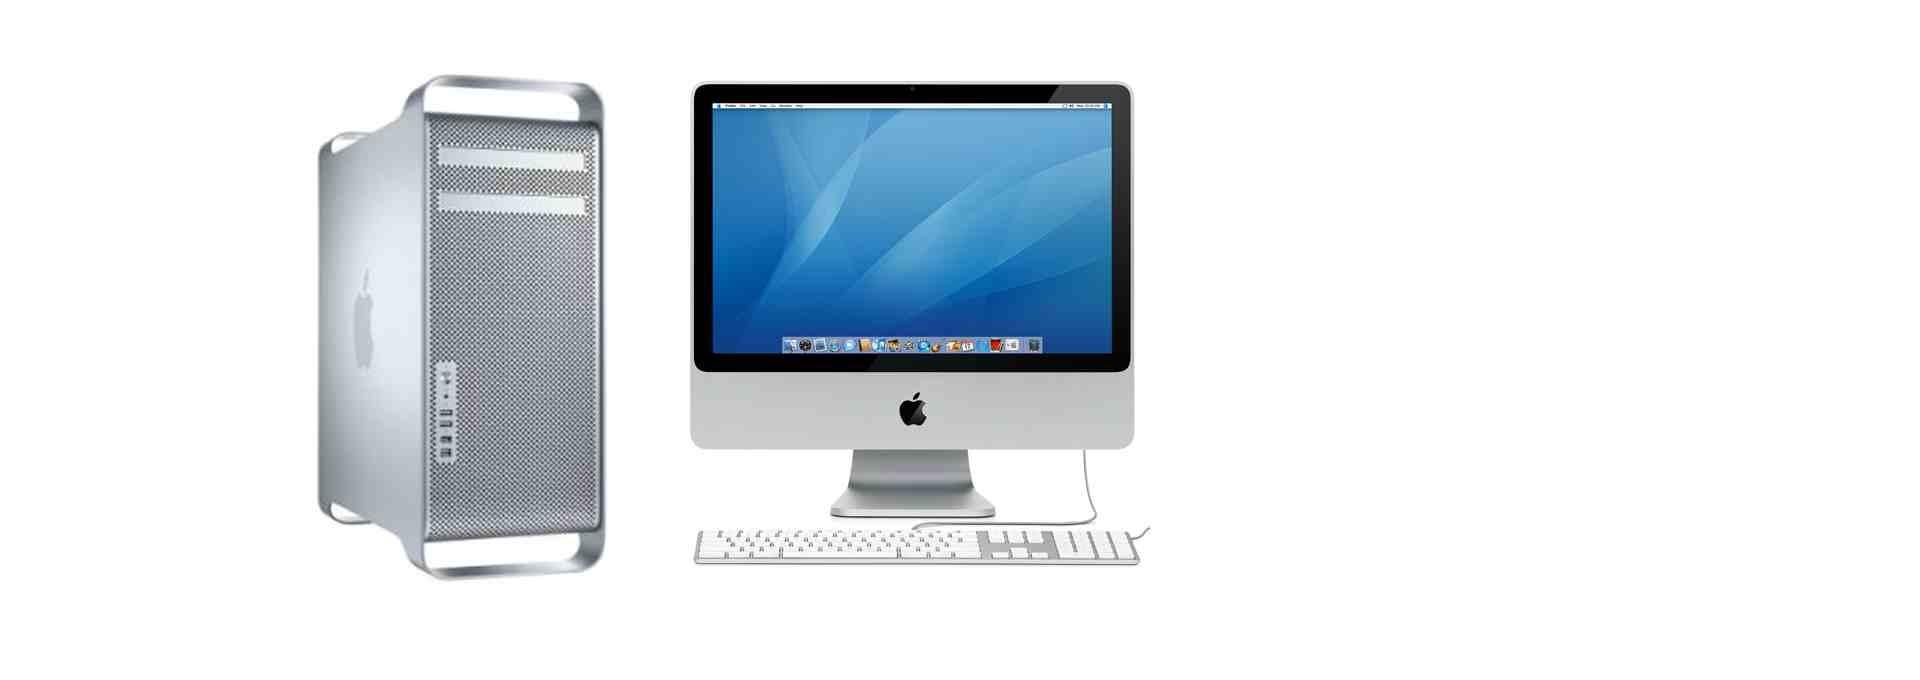 Des indices indiquent l'arrivée de nouveaux iMac et Mac Pro